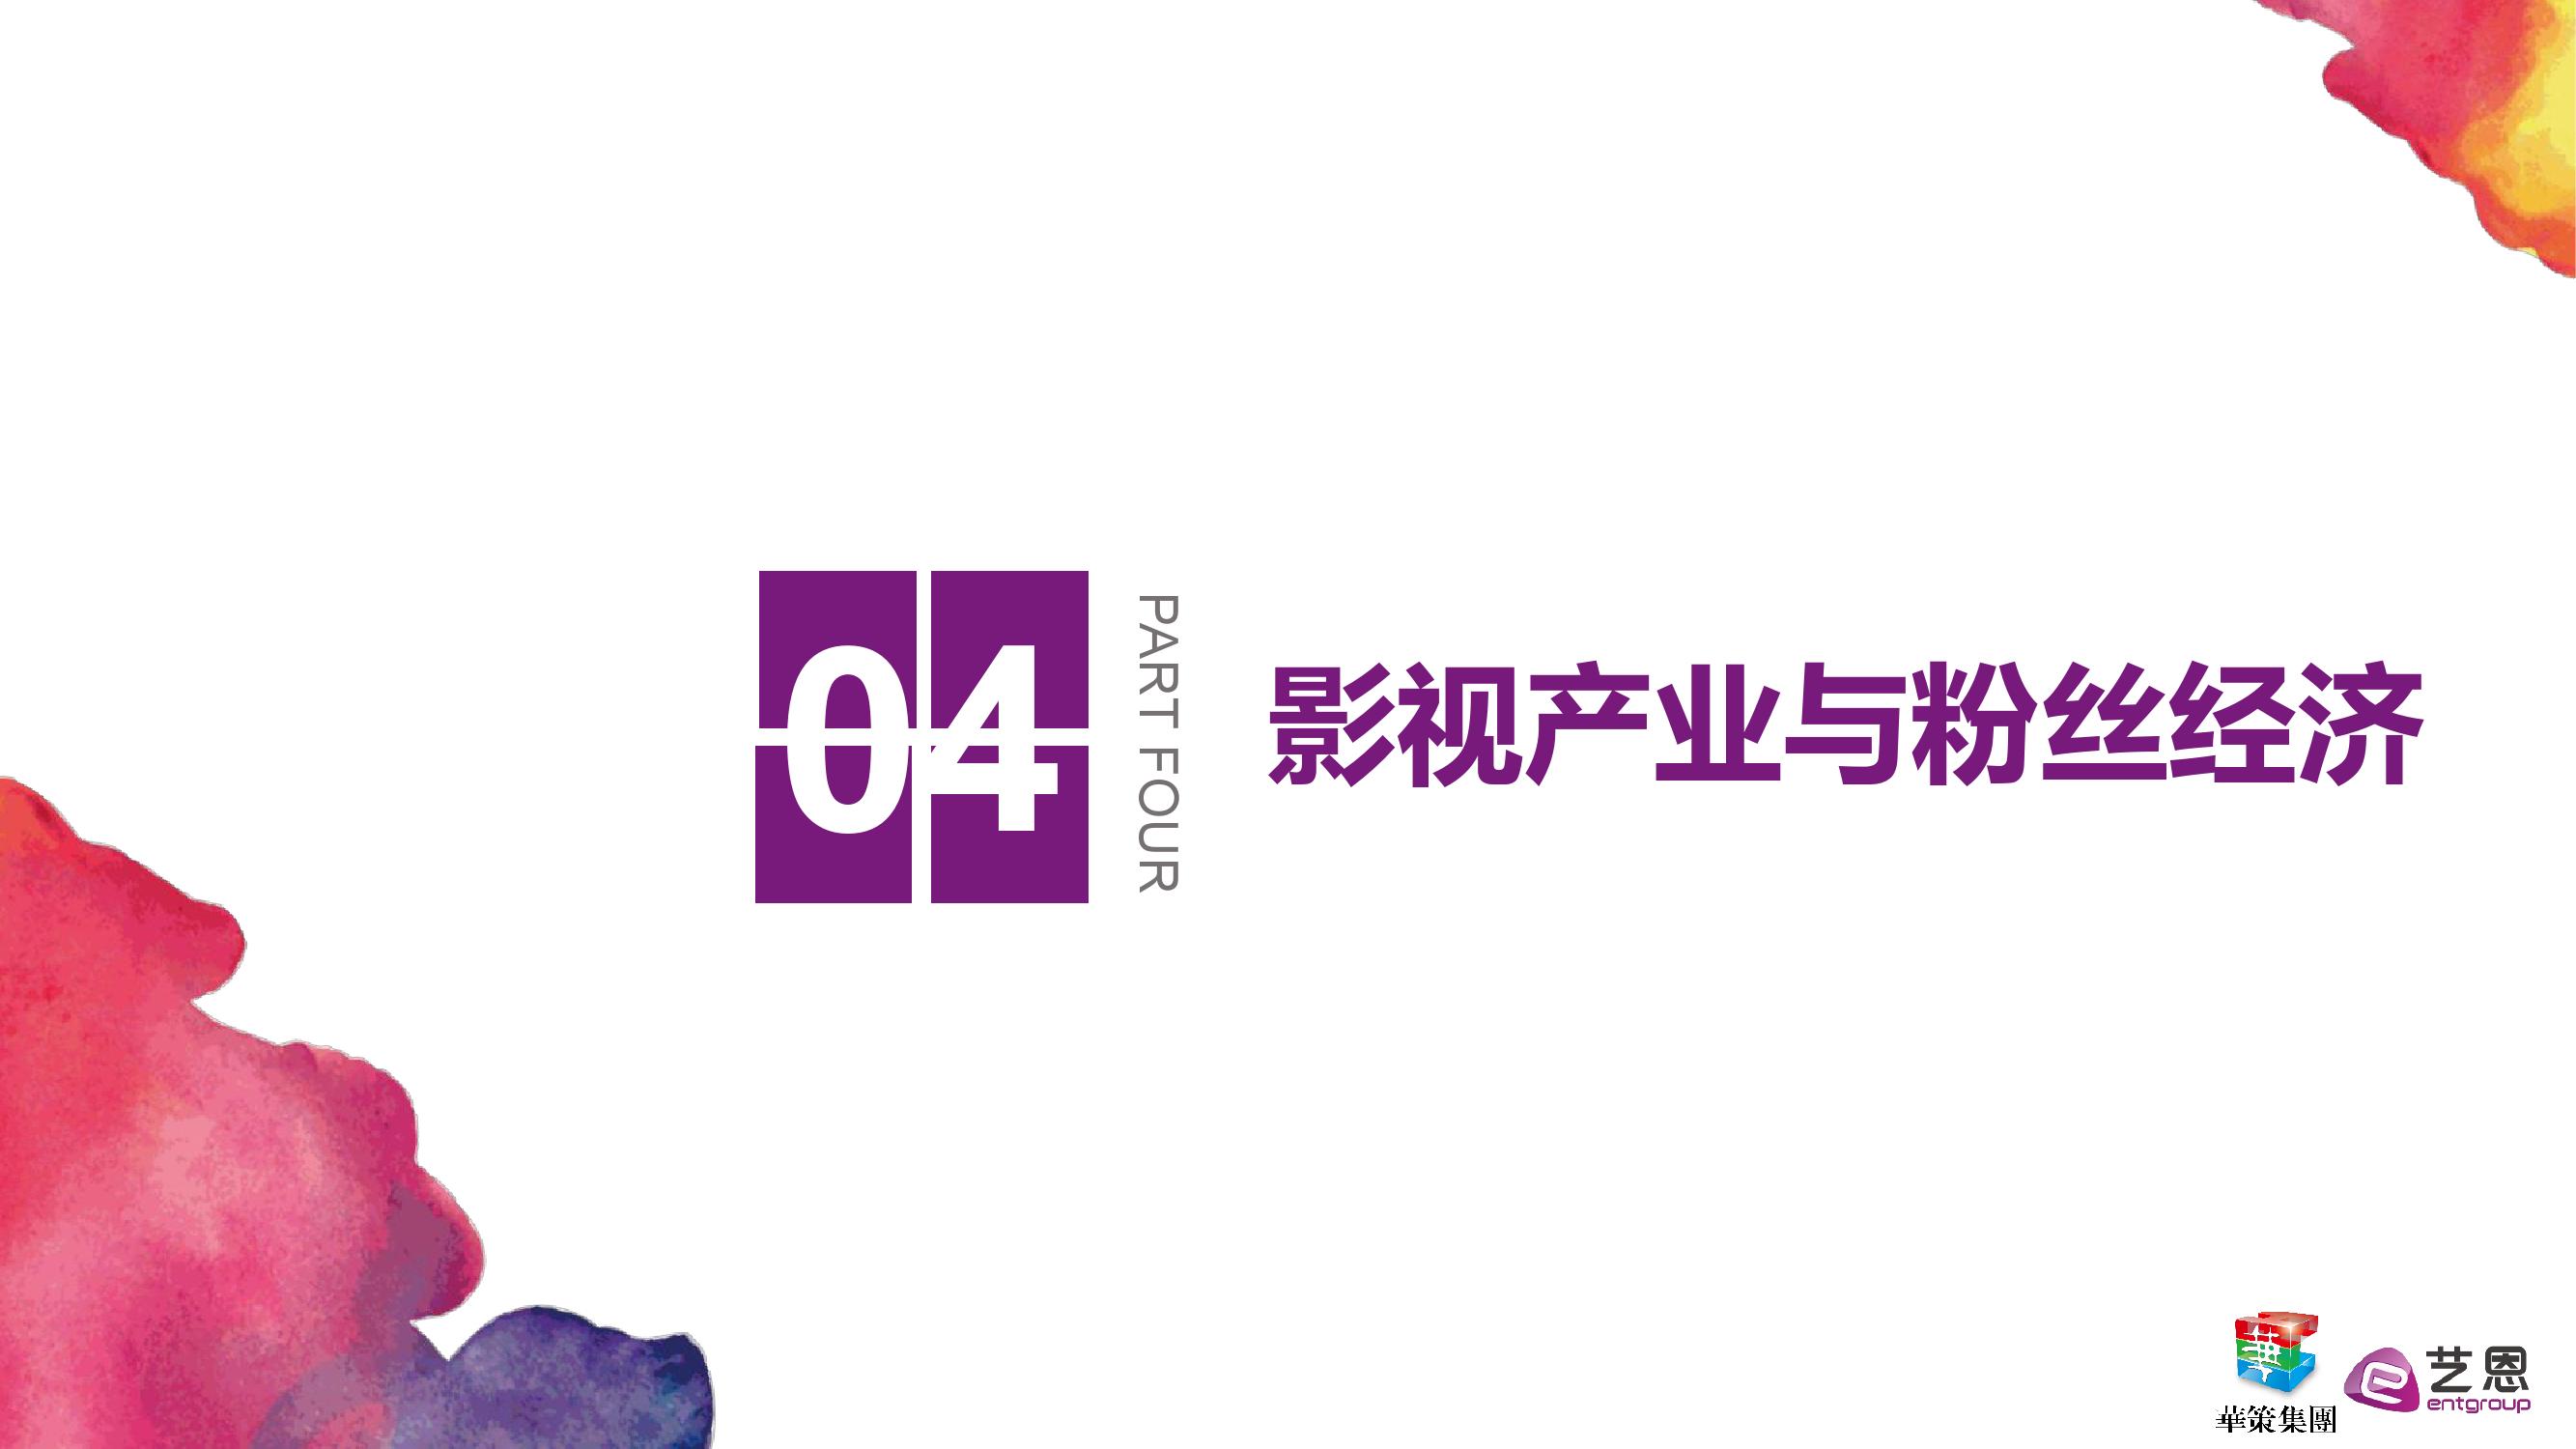 艺恩:粉丝经济研究报告_000026